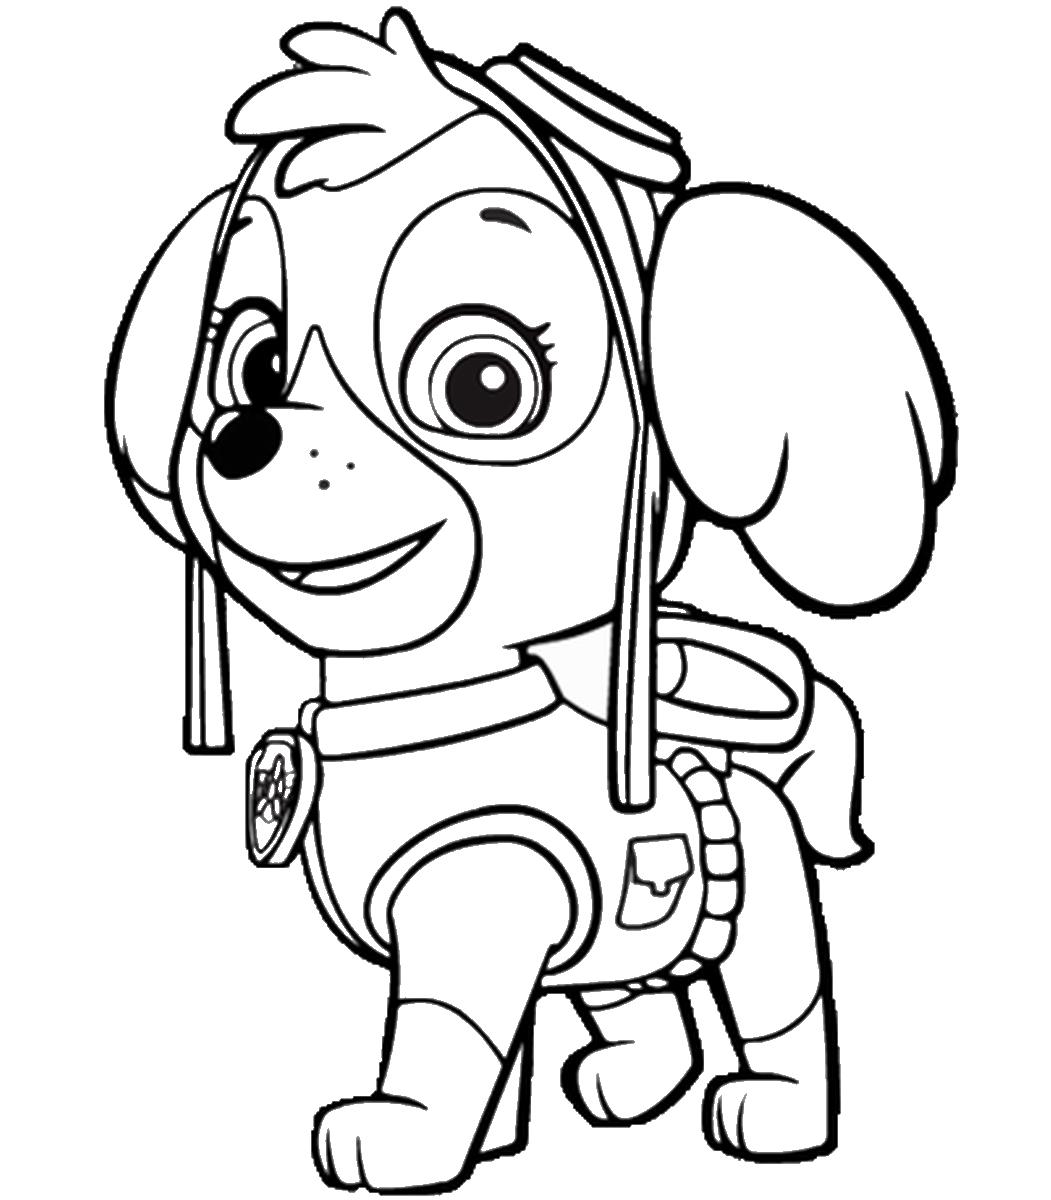 paw patrol coloring page paw patrol rubble coloring page free printable coloring patrol page coloring paw